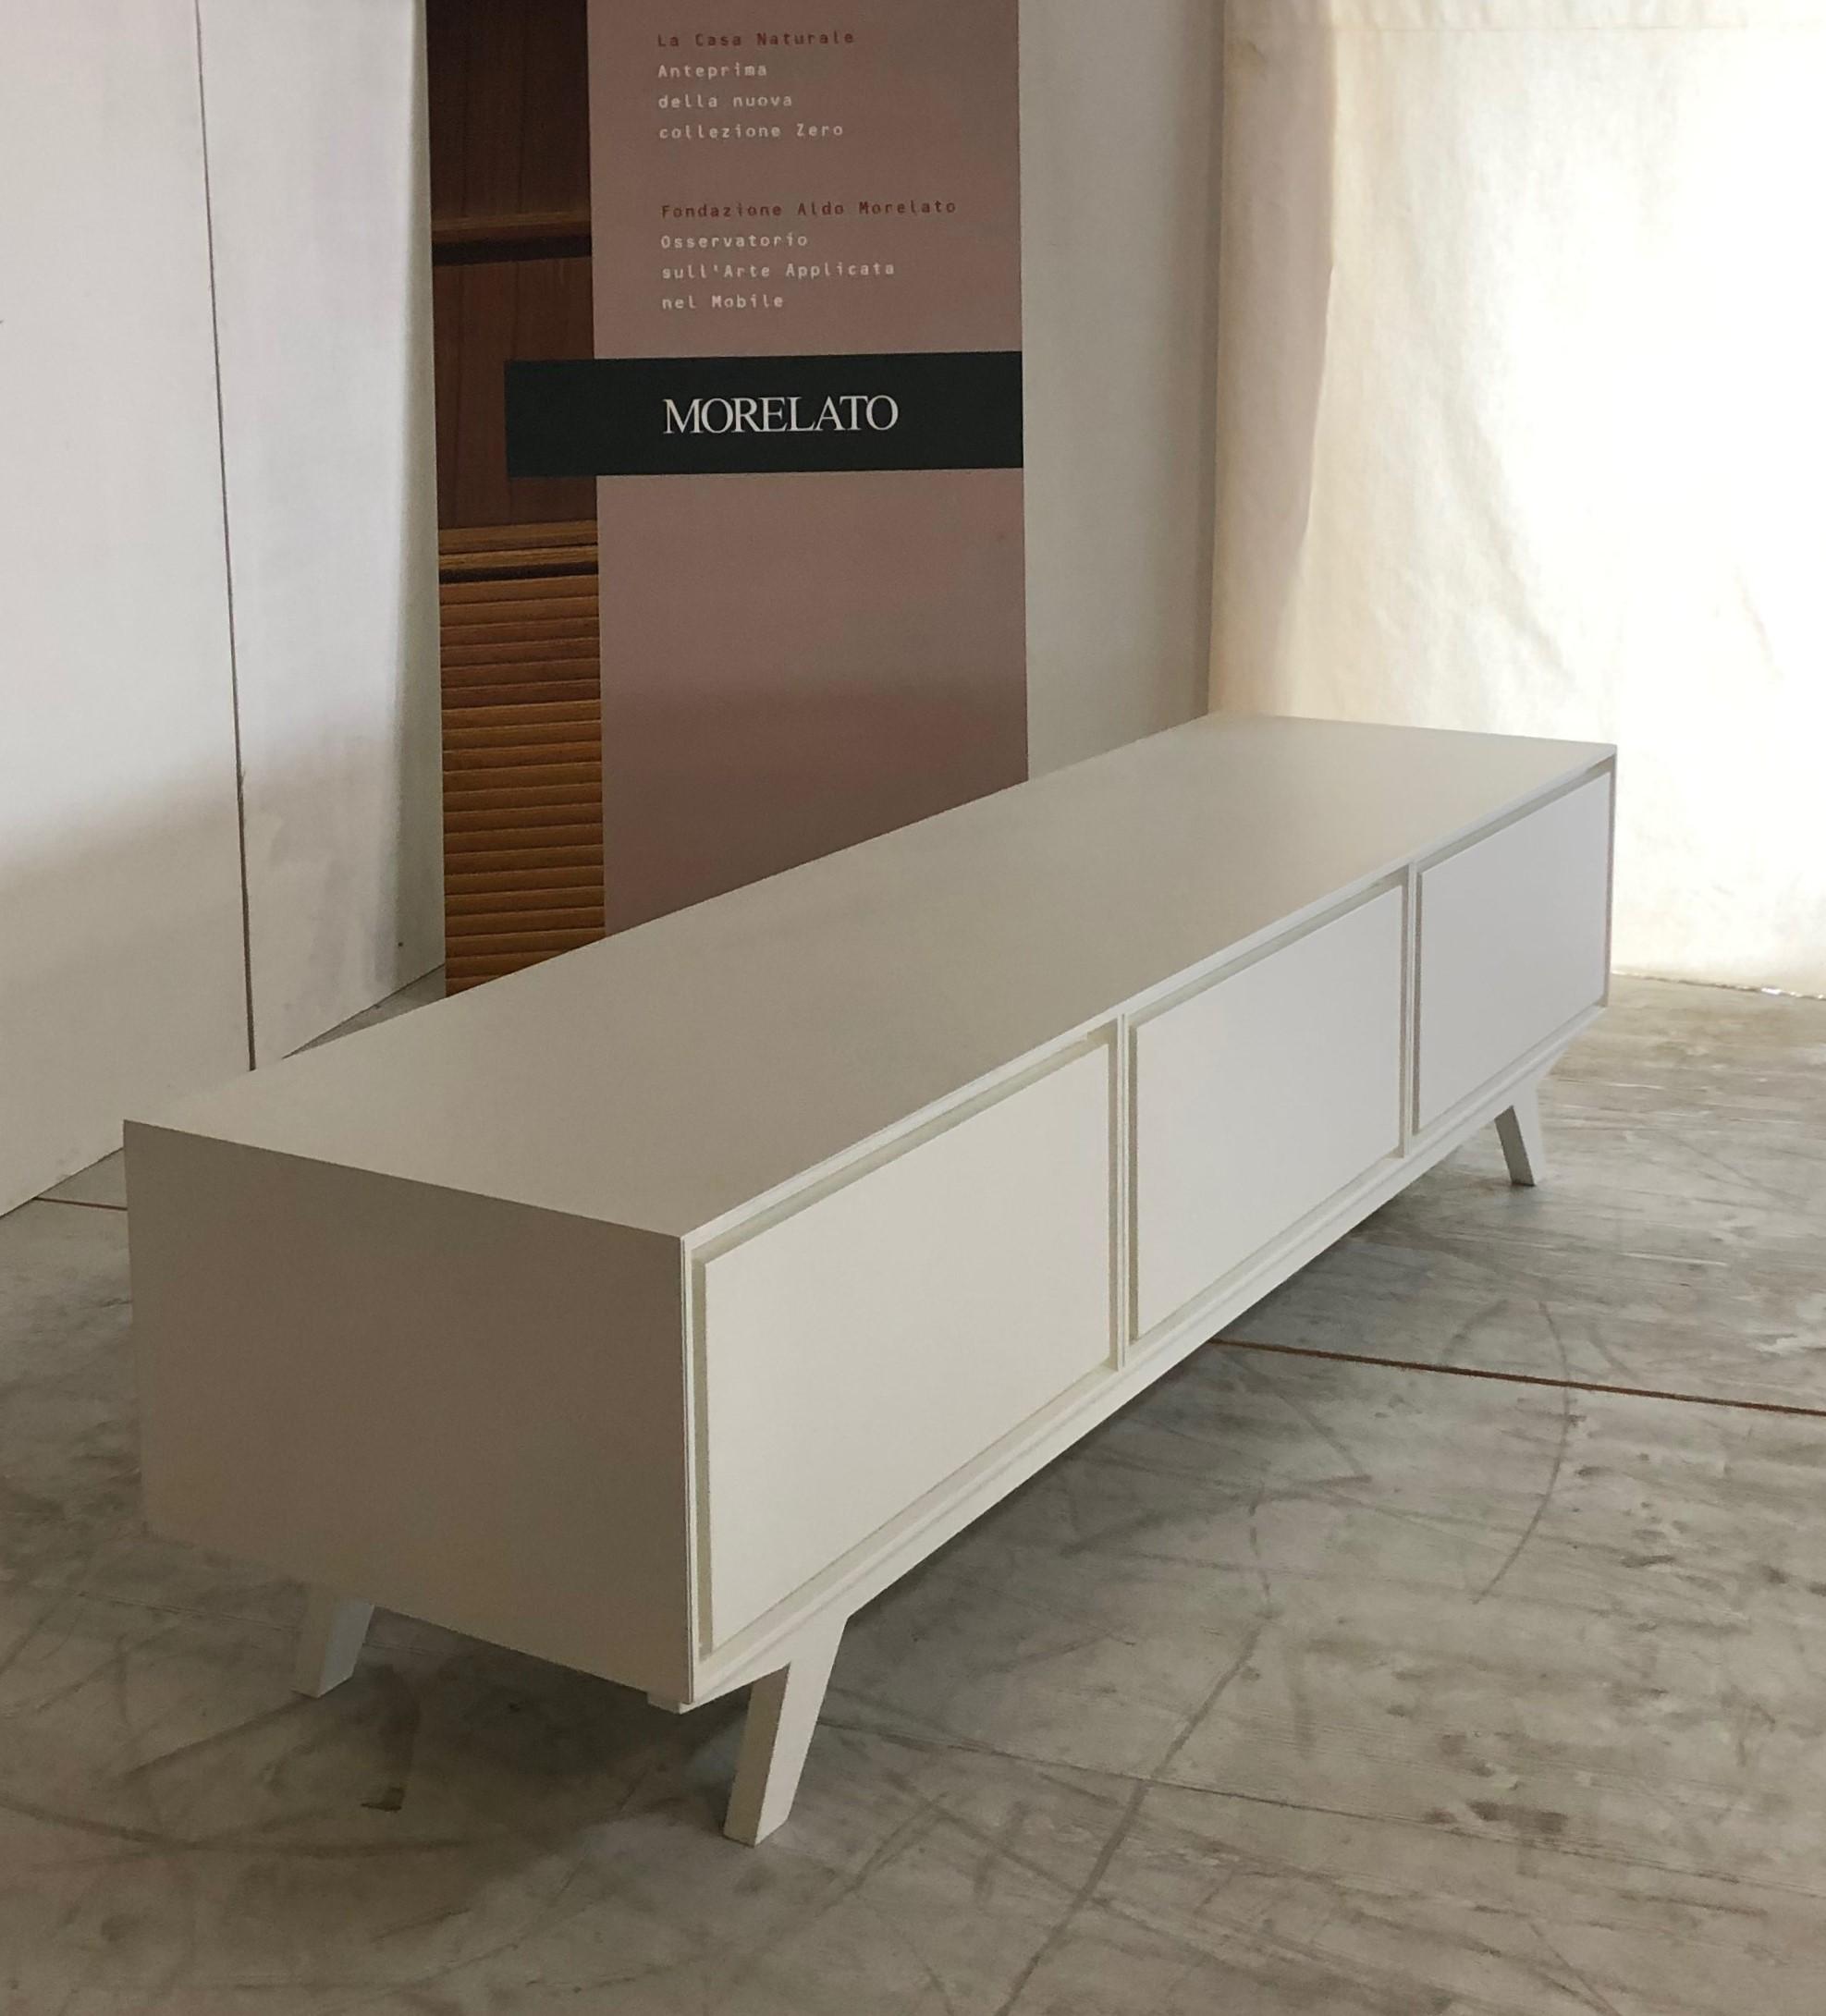 Mobili Tv Design Outlet.Morelato High Class Outlet